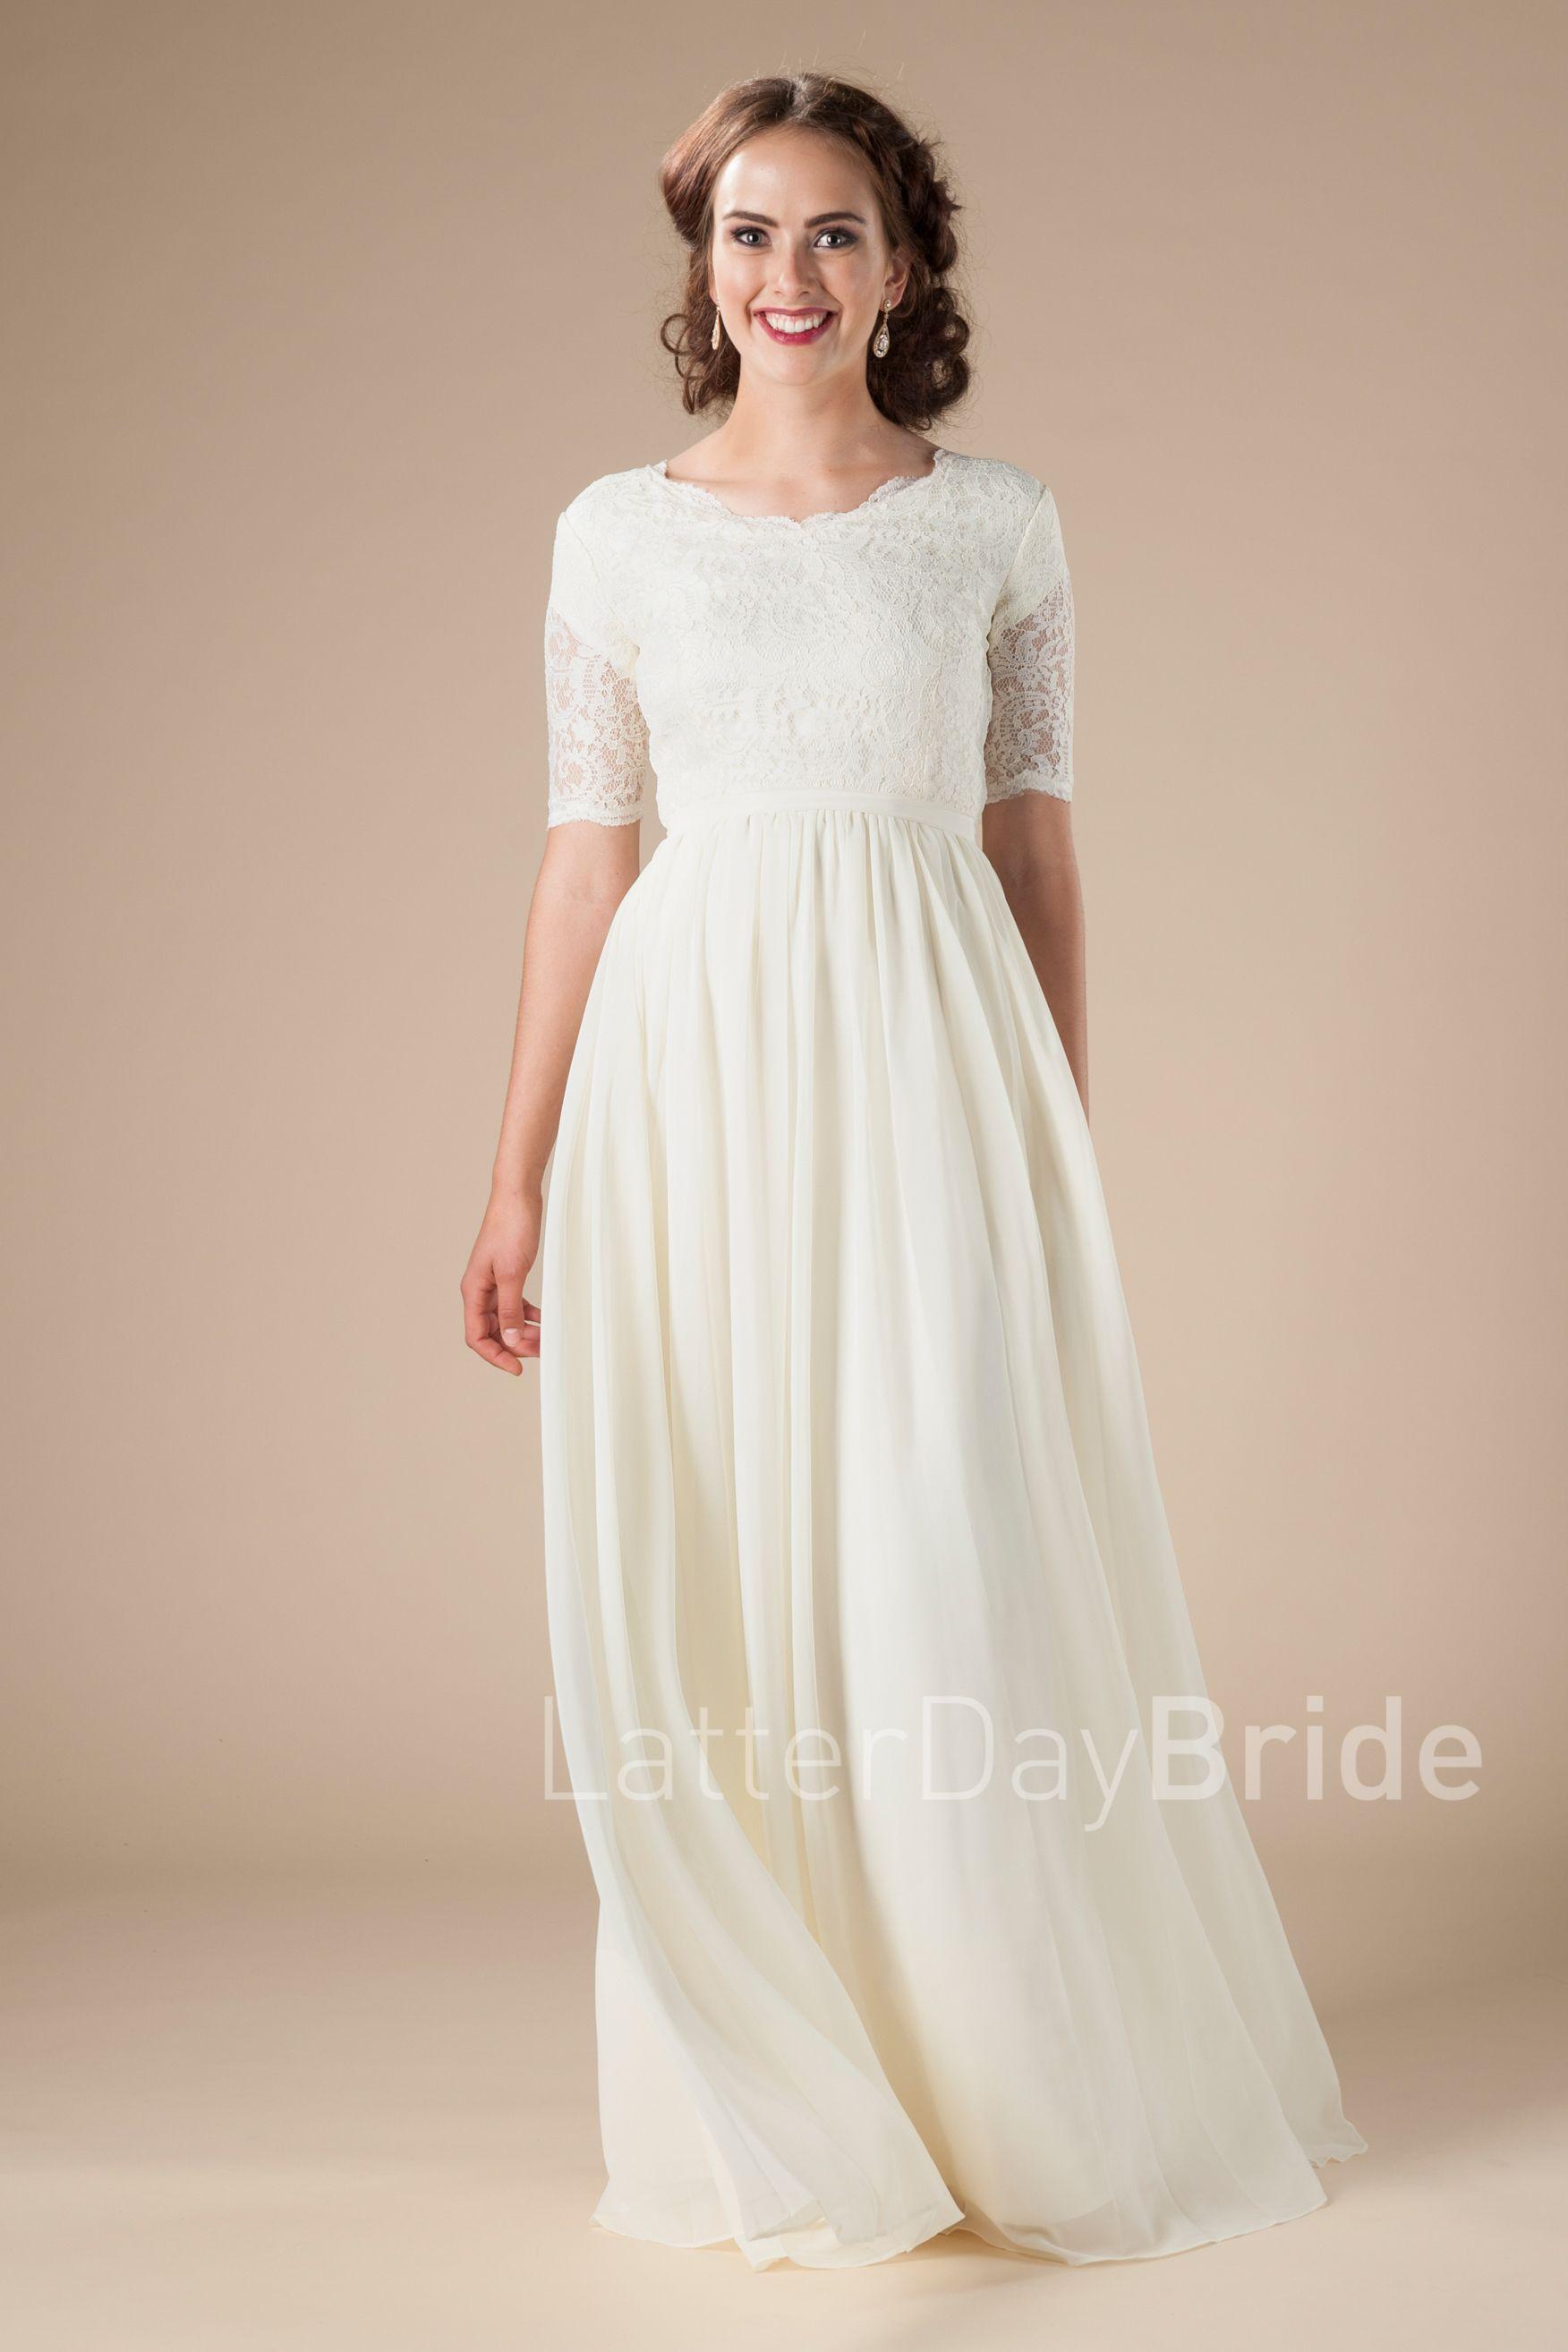 71696e7bfab7 Cheap Lds Modest Wedding Dresses - raveitsafe